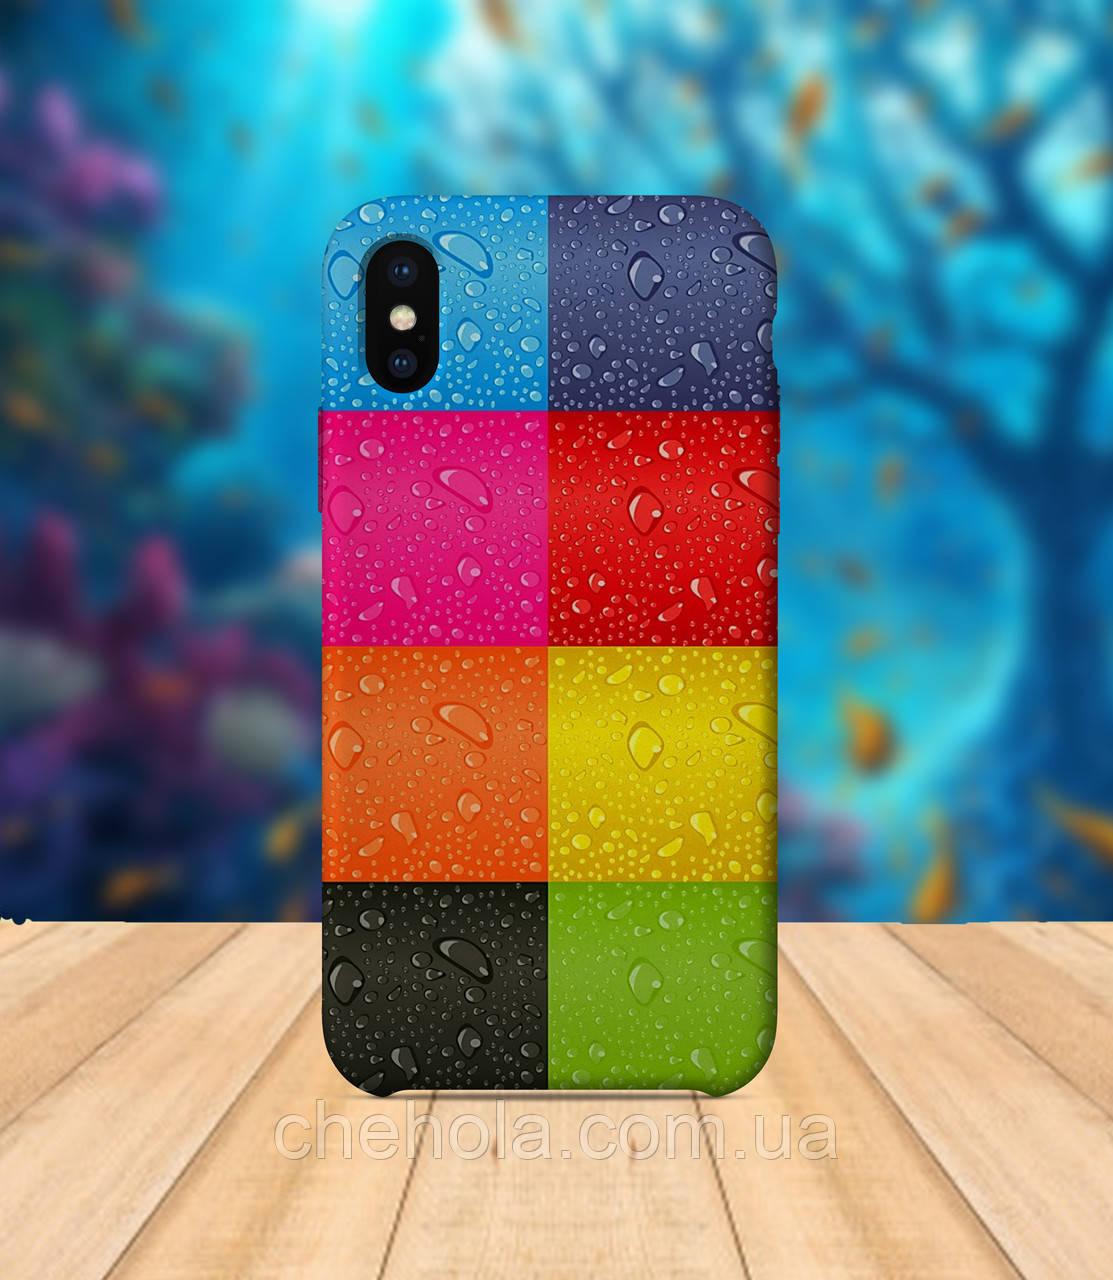 Чохол для apple iphone x XS max Яскраві фарби чохол з принтом